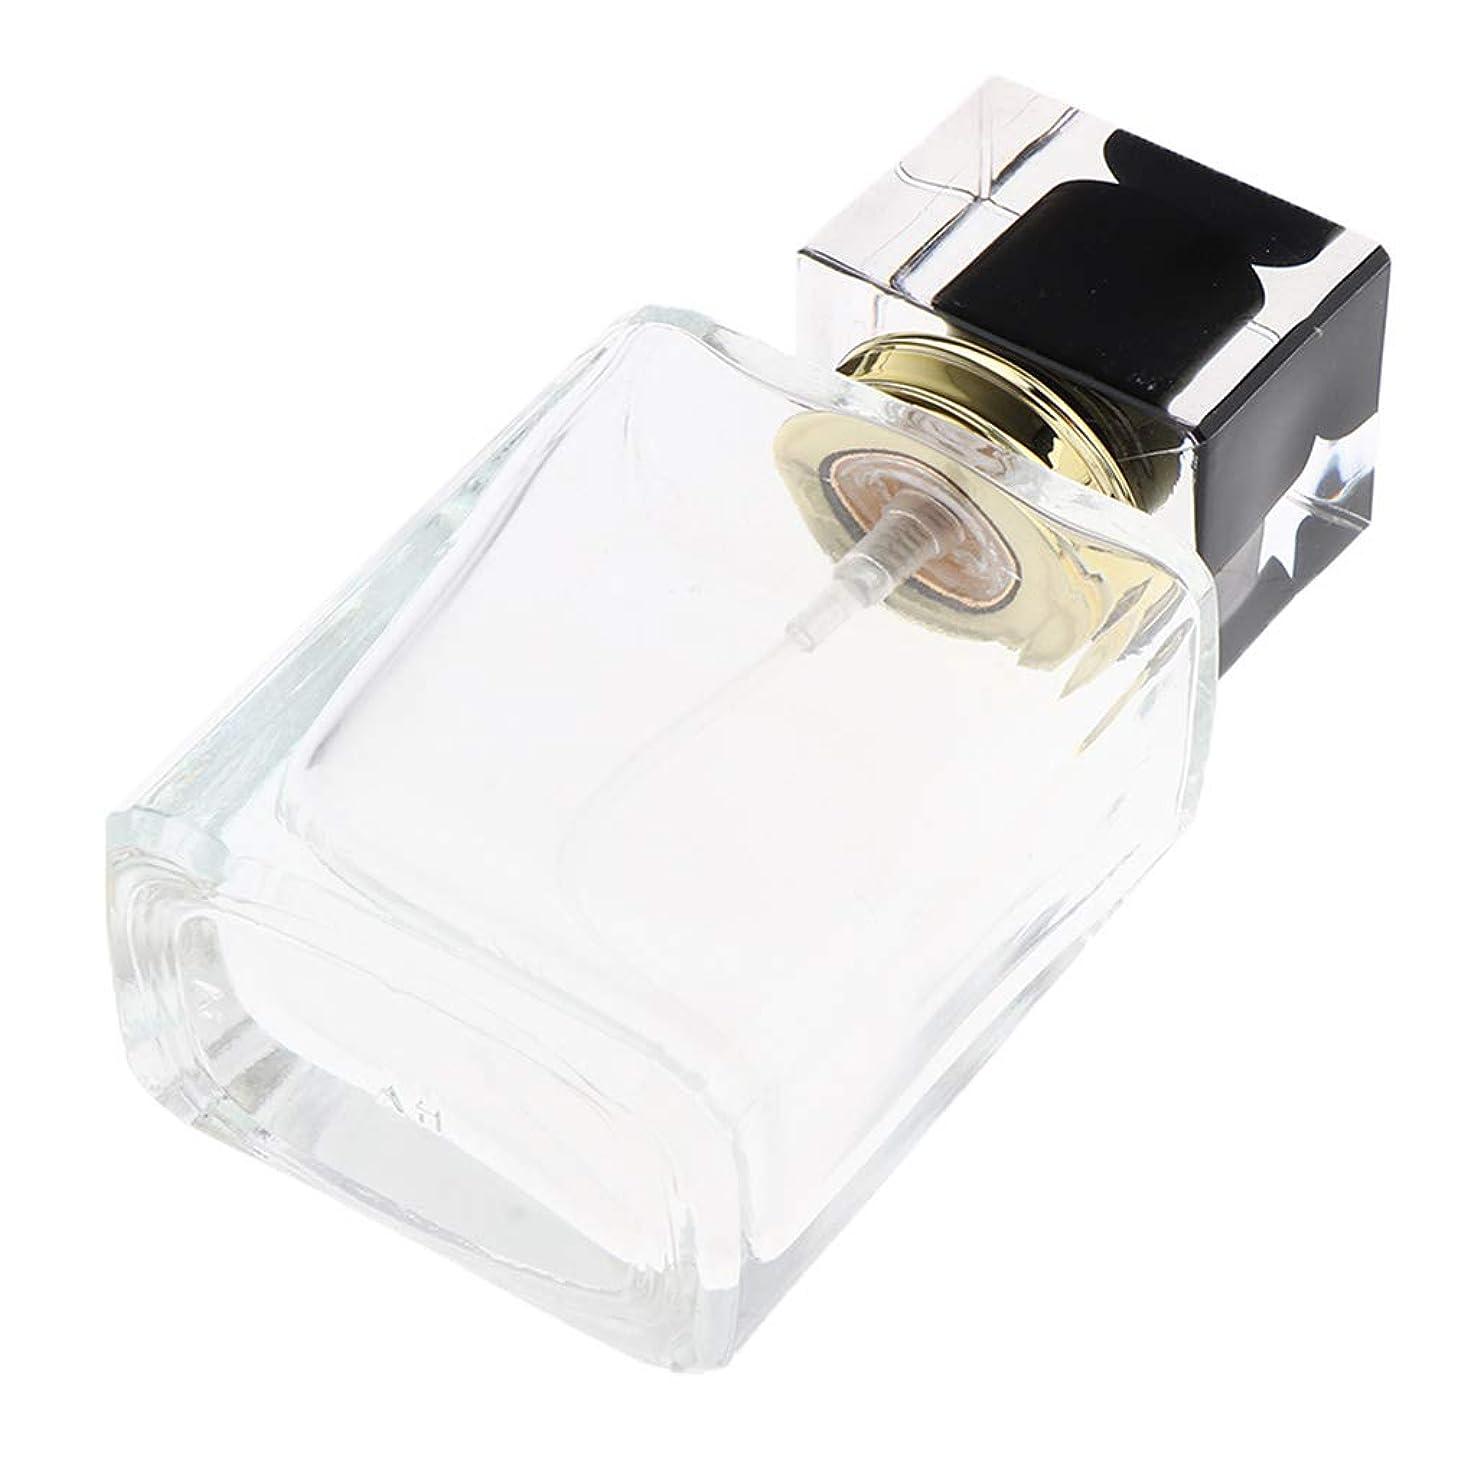 教室テスピアンポルティコCUTICATE 香水瓶 スプレー 香水瓶 ポンプ式 香水ボトル 50ml 正方形 詰め替え容器 通勤/旅行/出張 全5種 - ブラックキャップ